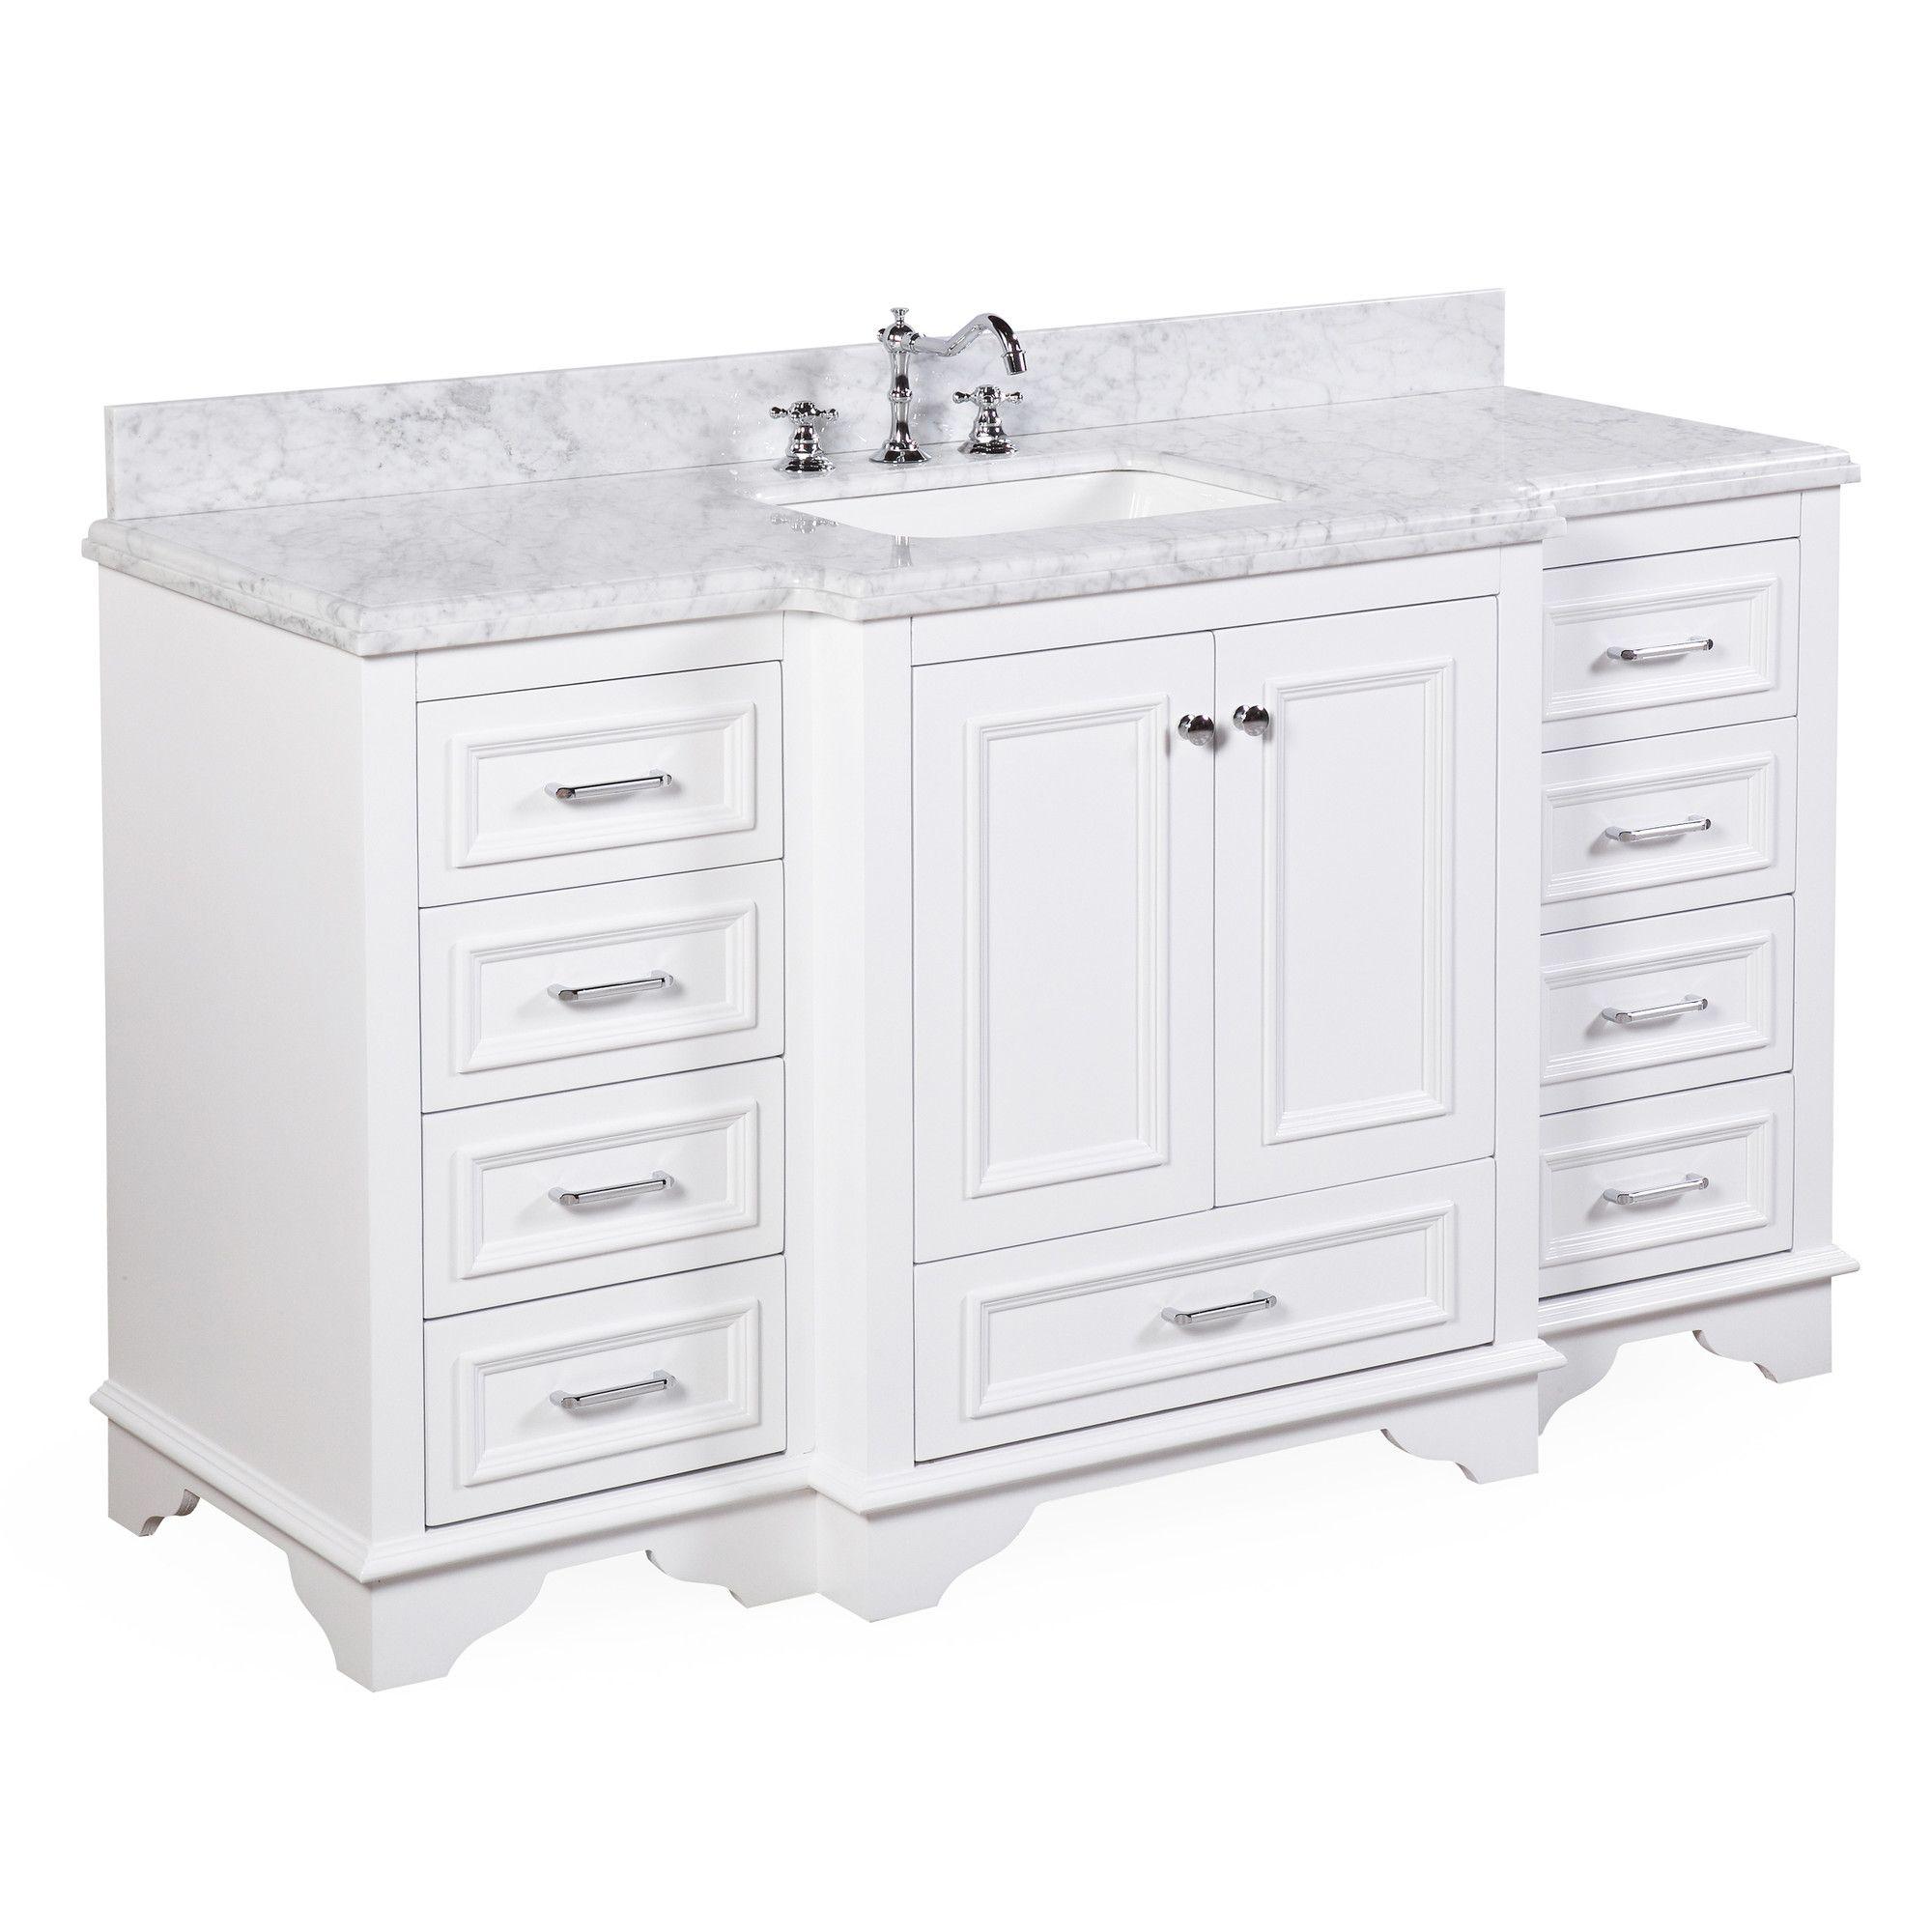 White Bathroom Vanity on 48 white bathroom vanity, white marble bathroom vanity, 36 white bathroom vanity, white single bathroom vanity, white wood bathroom vanity, 24 white bathroom vanity, white cottage bathroom vanity, white 72 bathroom vanity, white modern bathroom vanity, white bathroom vanity 30, white antique bathroom vanity,